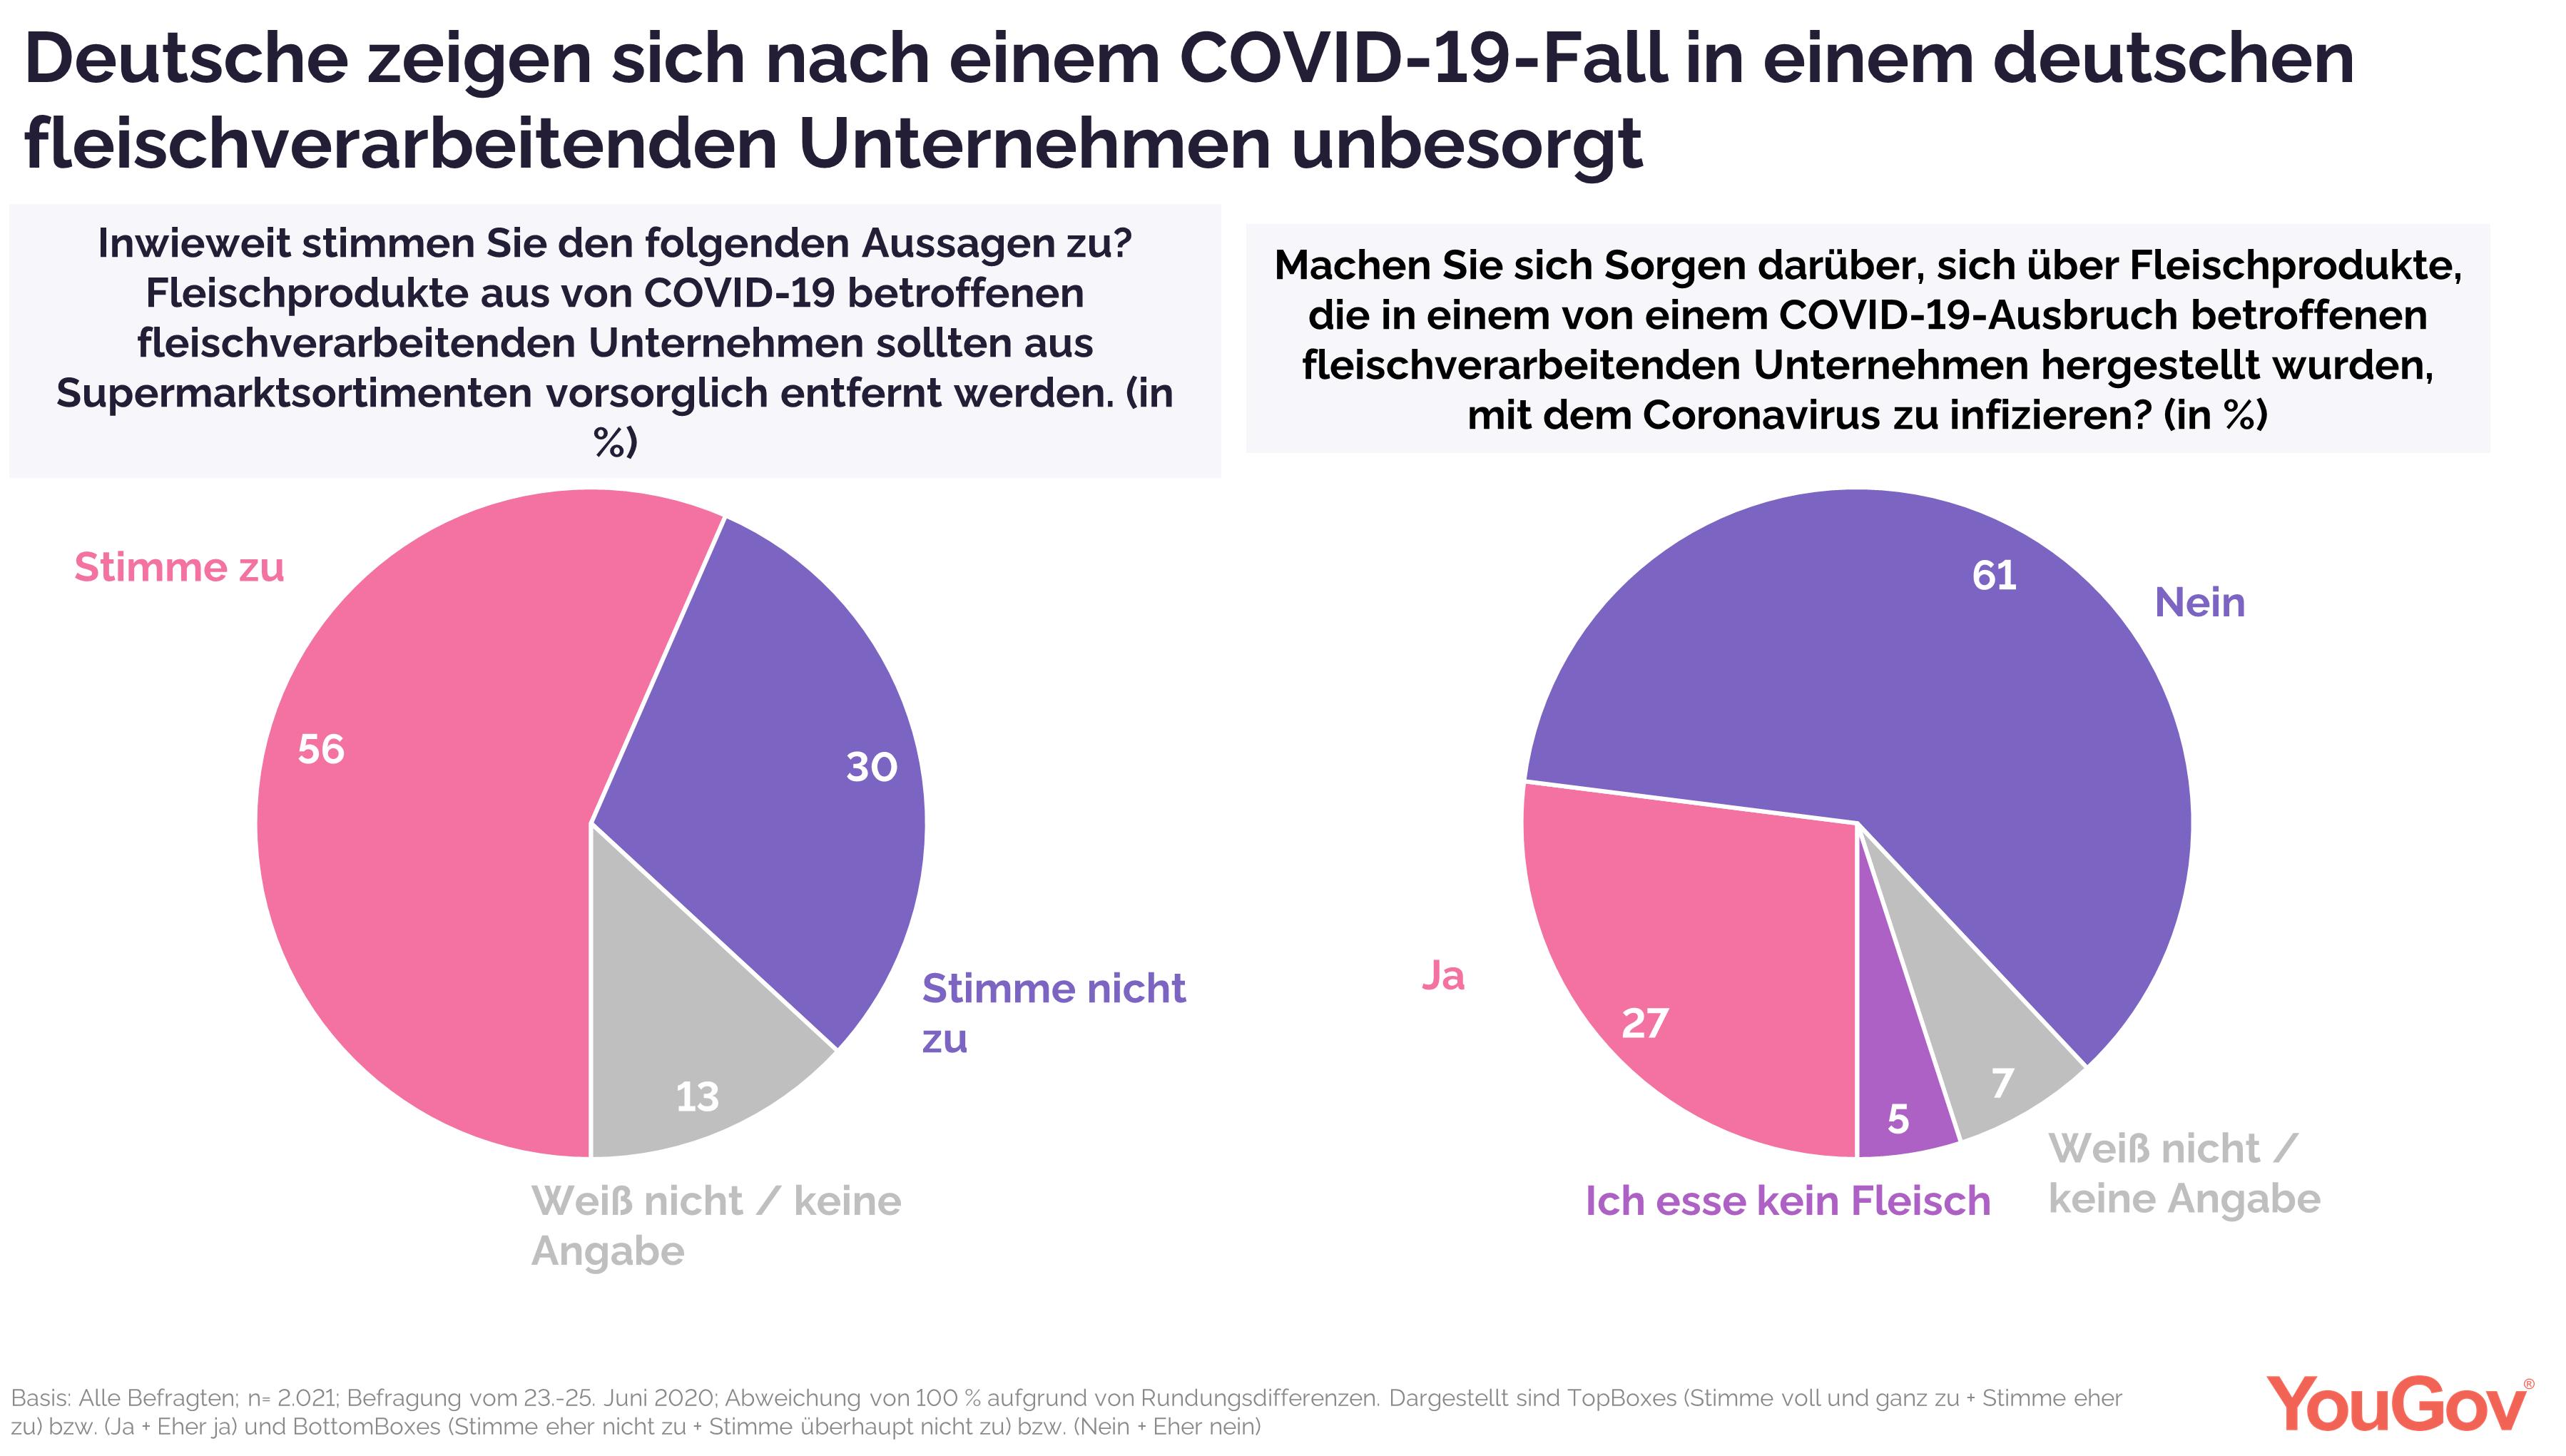 Deutsche sind unbesorgt bei Fleischkonsum